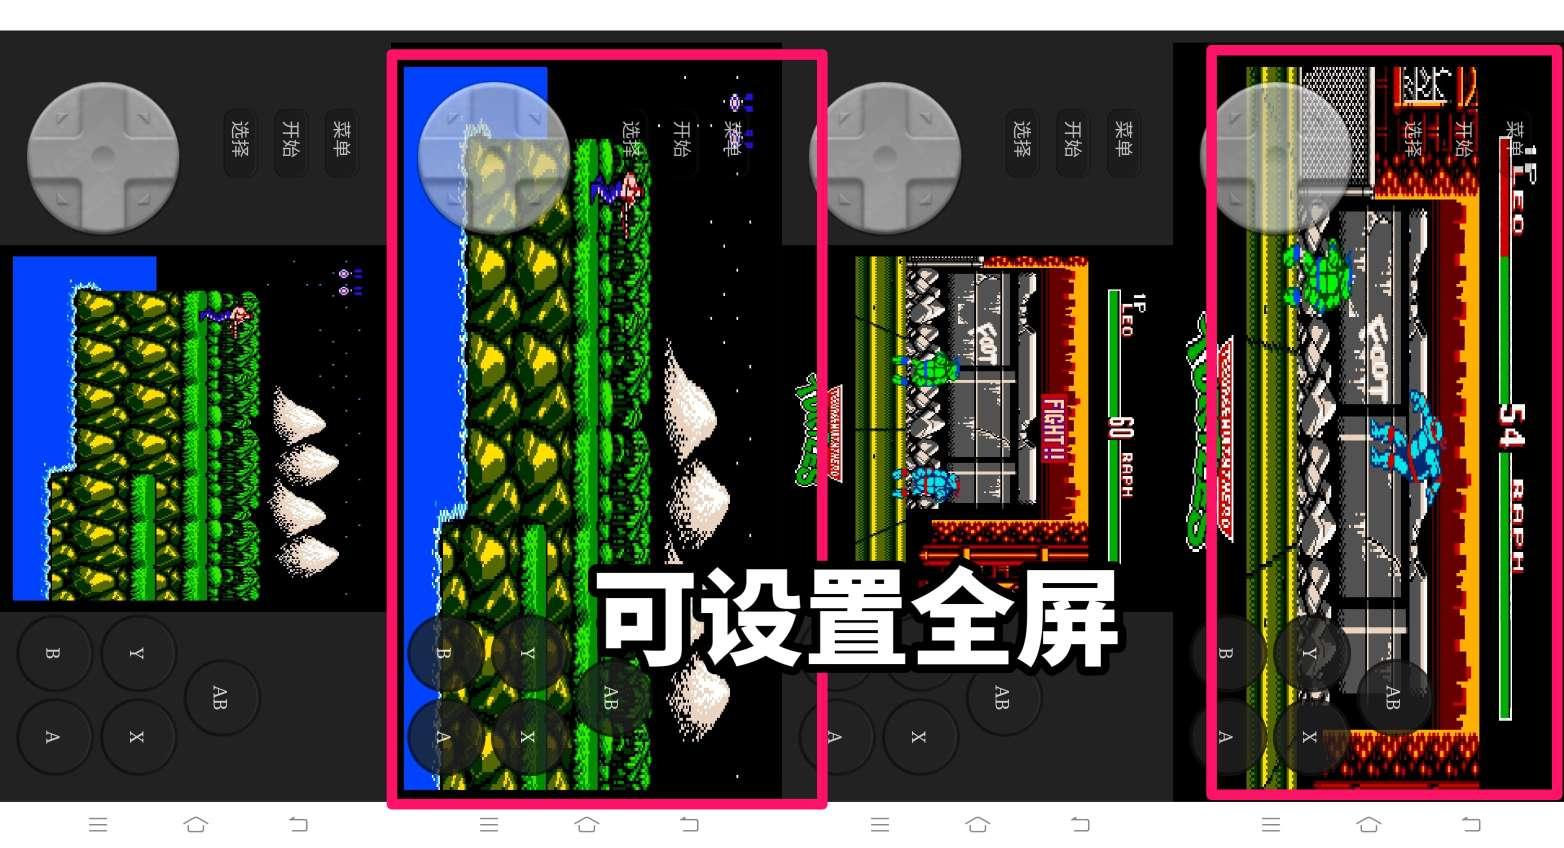 经典小游戏1.0v 快来下载体验一下,回忆回忆童年吧